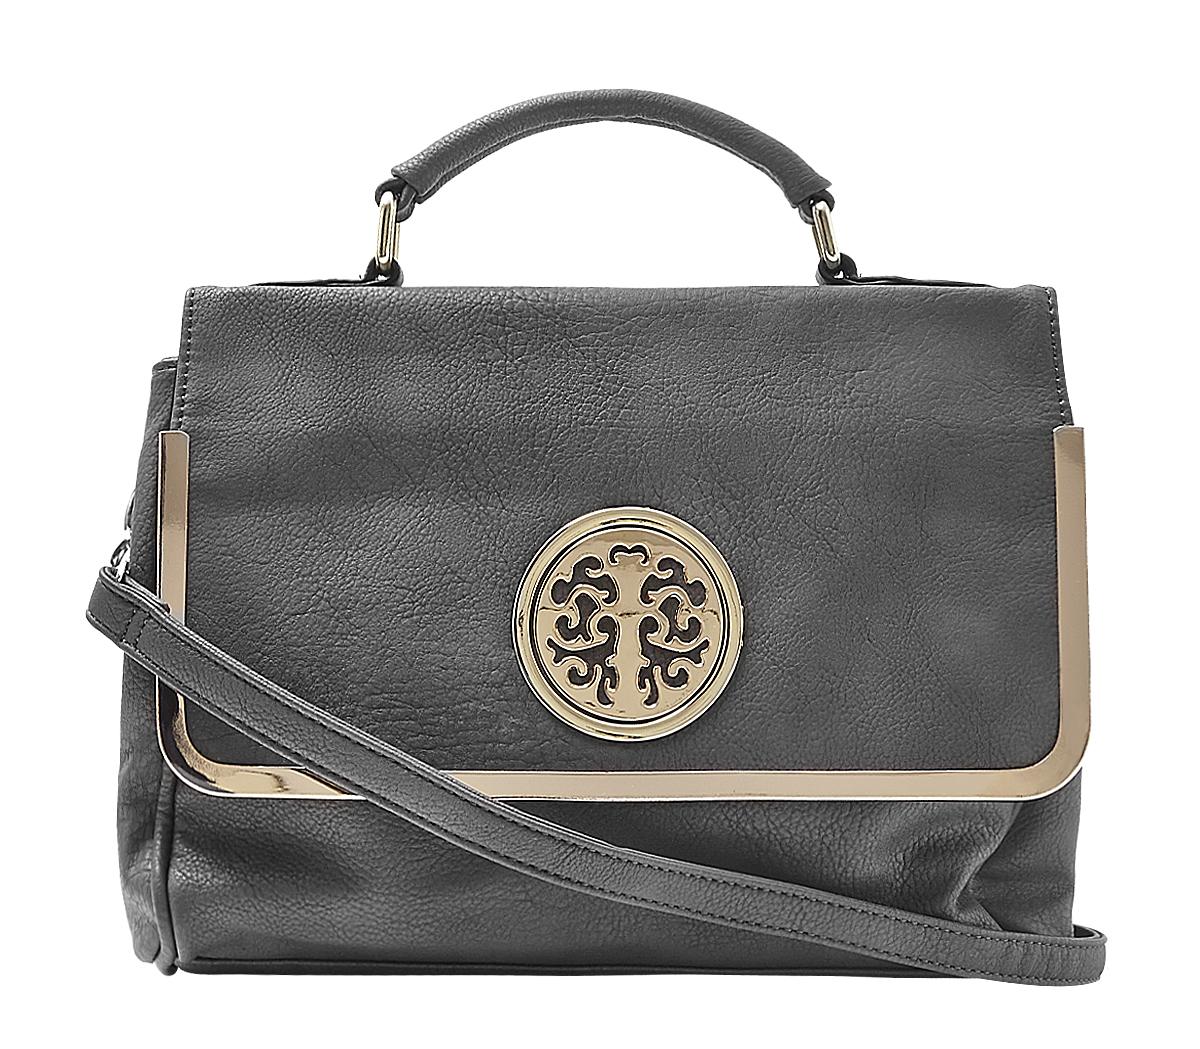 office sale, designer handbag sale, lovesales, handbag sales, office shoes sale, office shoes